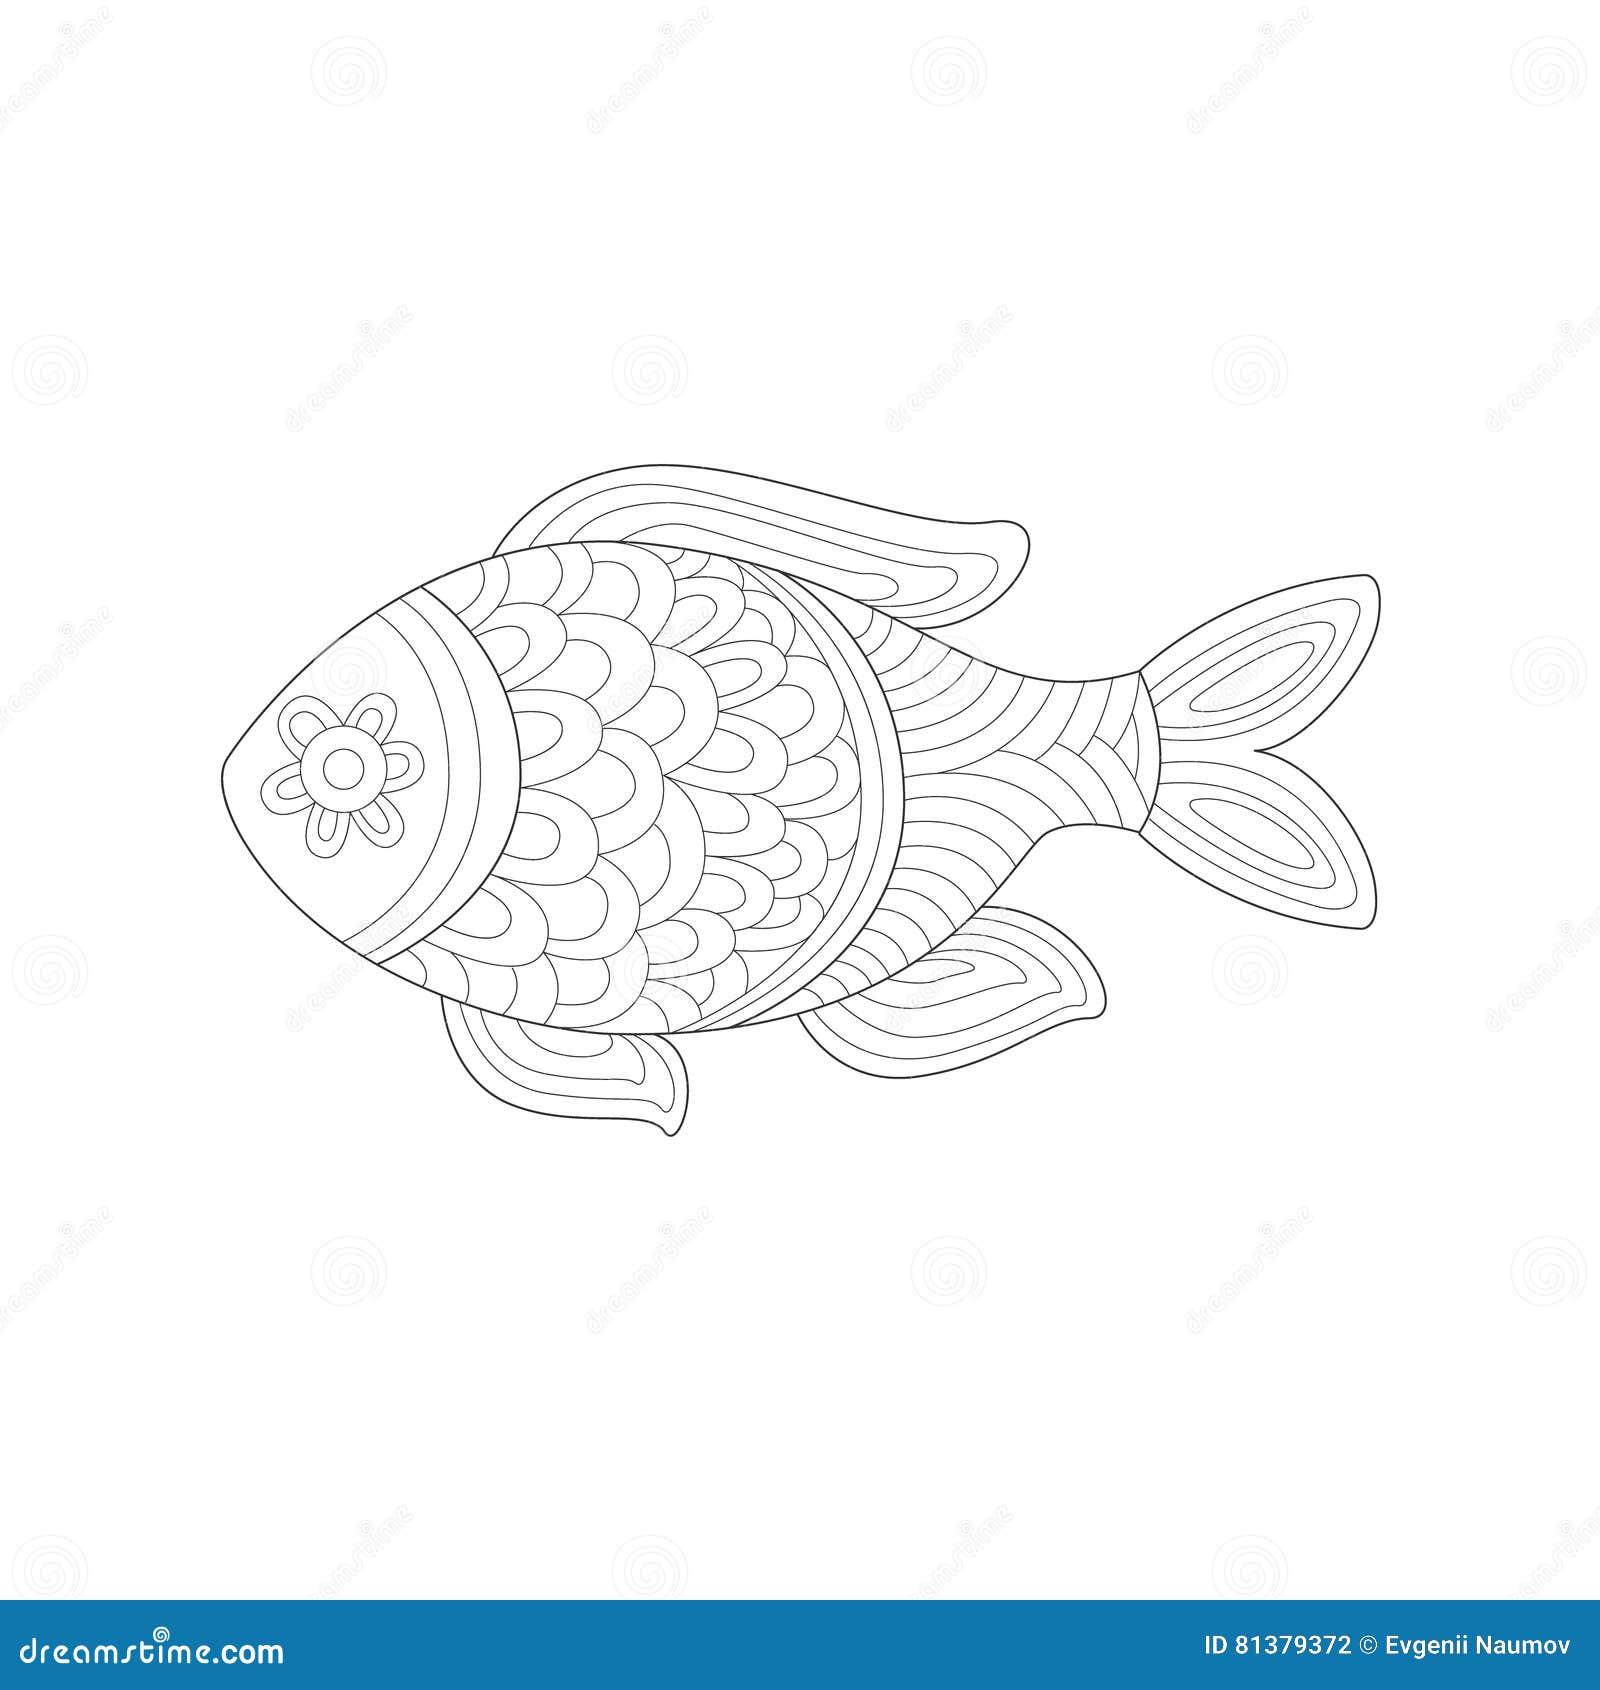 Tolle Malbuch Fisch Bilder - Malvorlagen Von Tieren - ngadi.info